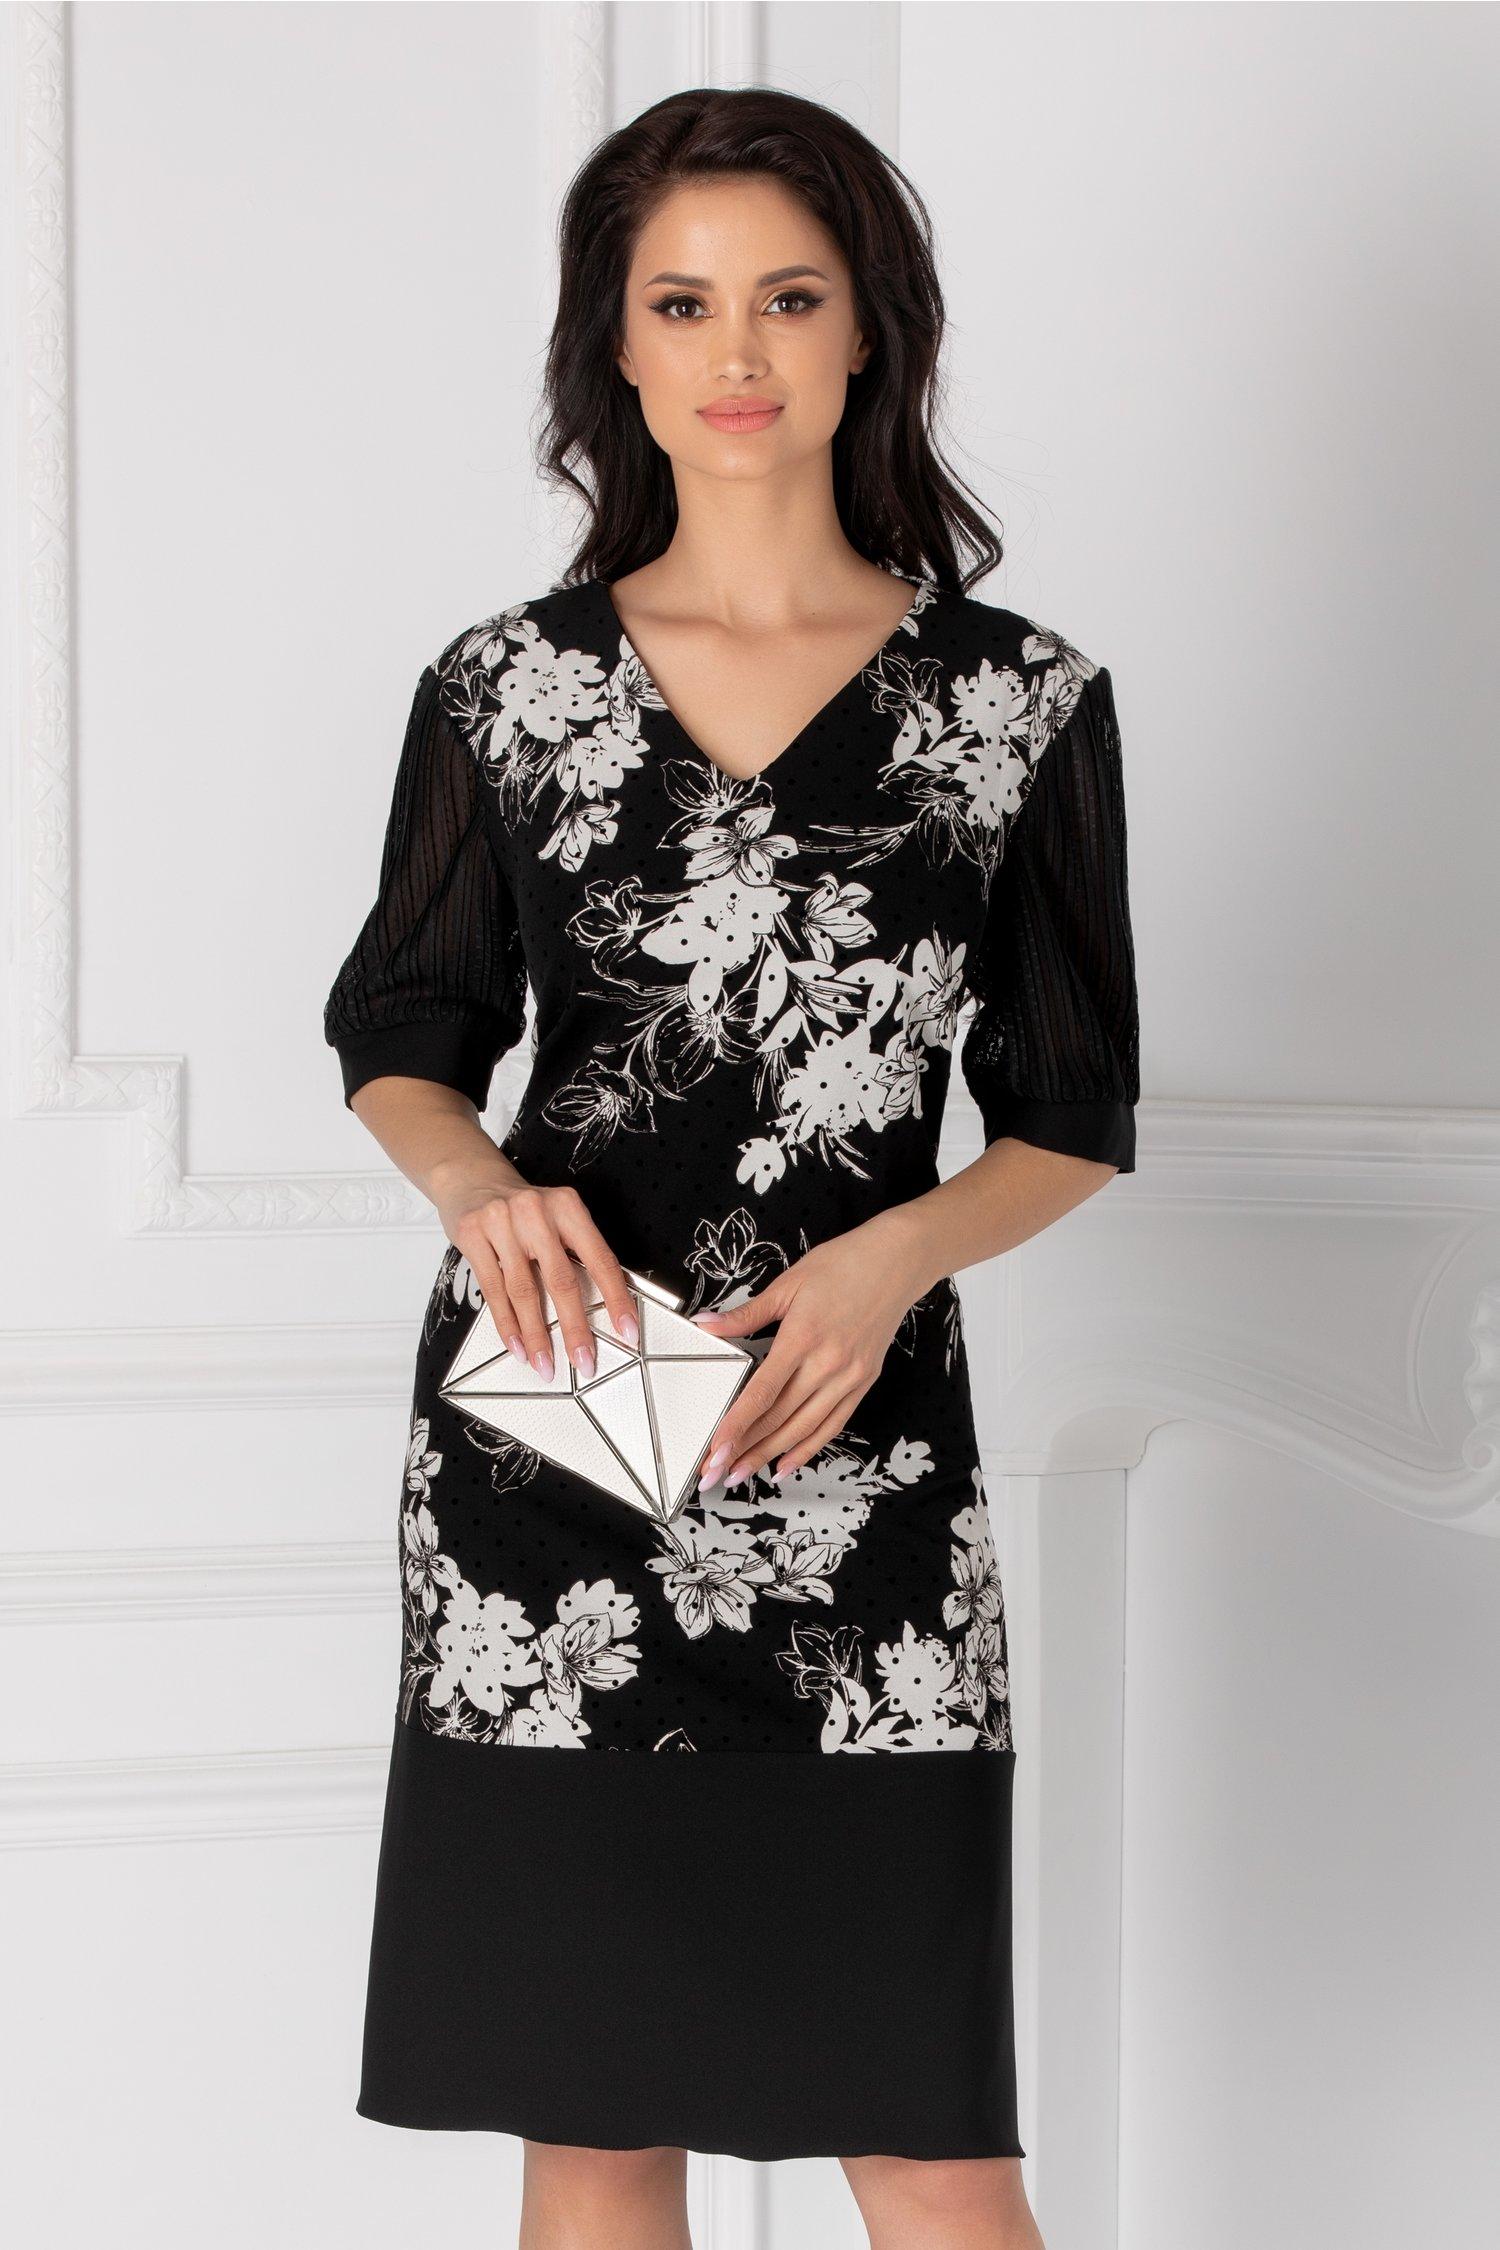 Rochie neagra cu imprimeu floral si maneci bufante din tull plisat